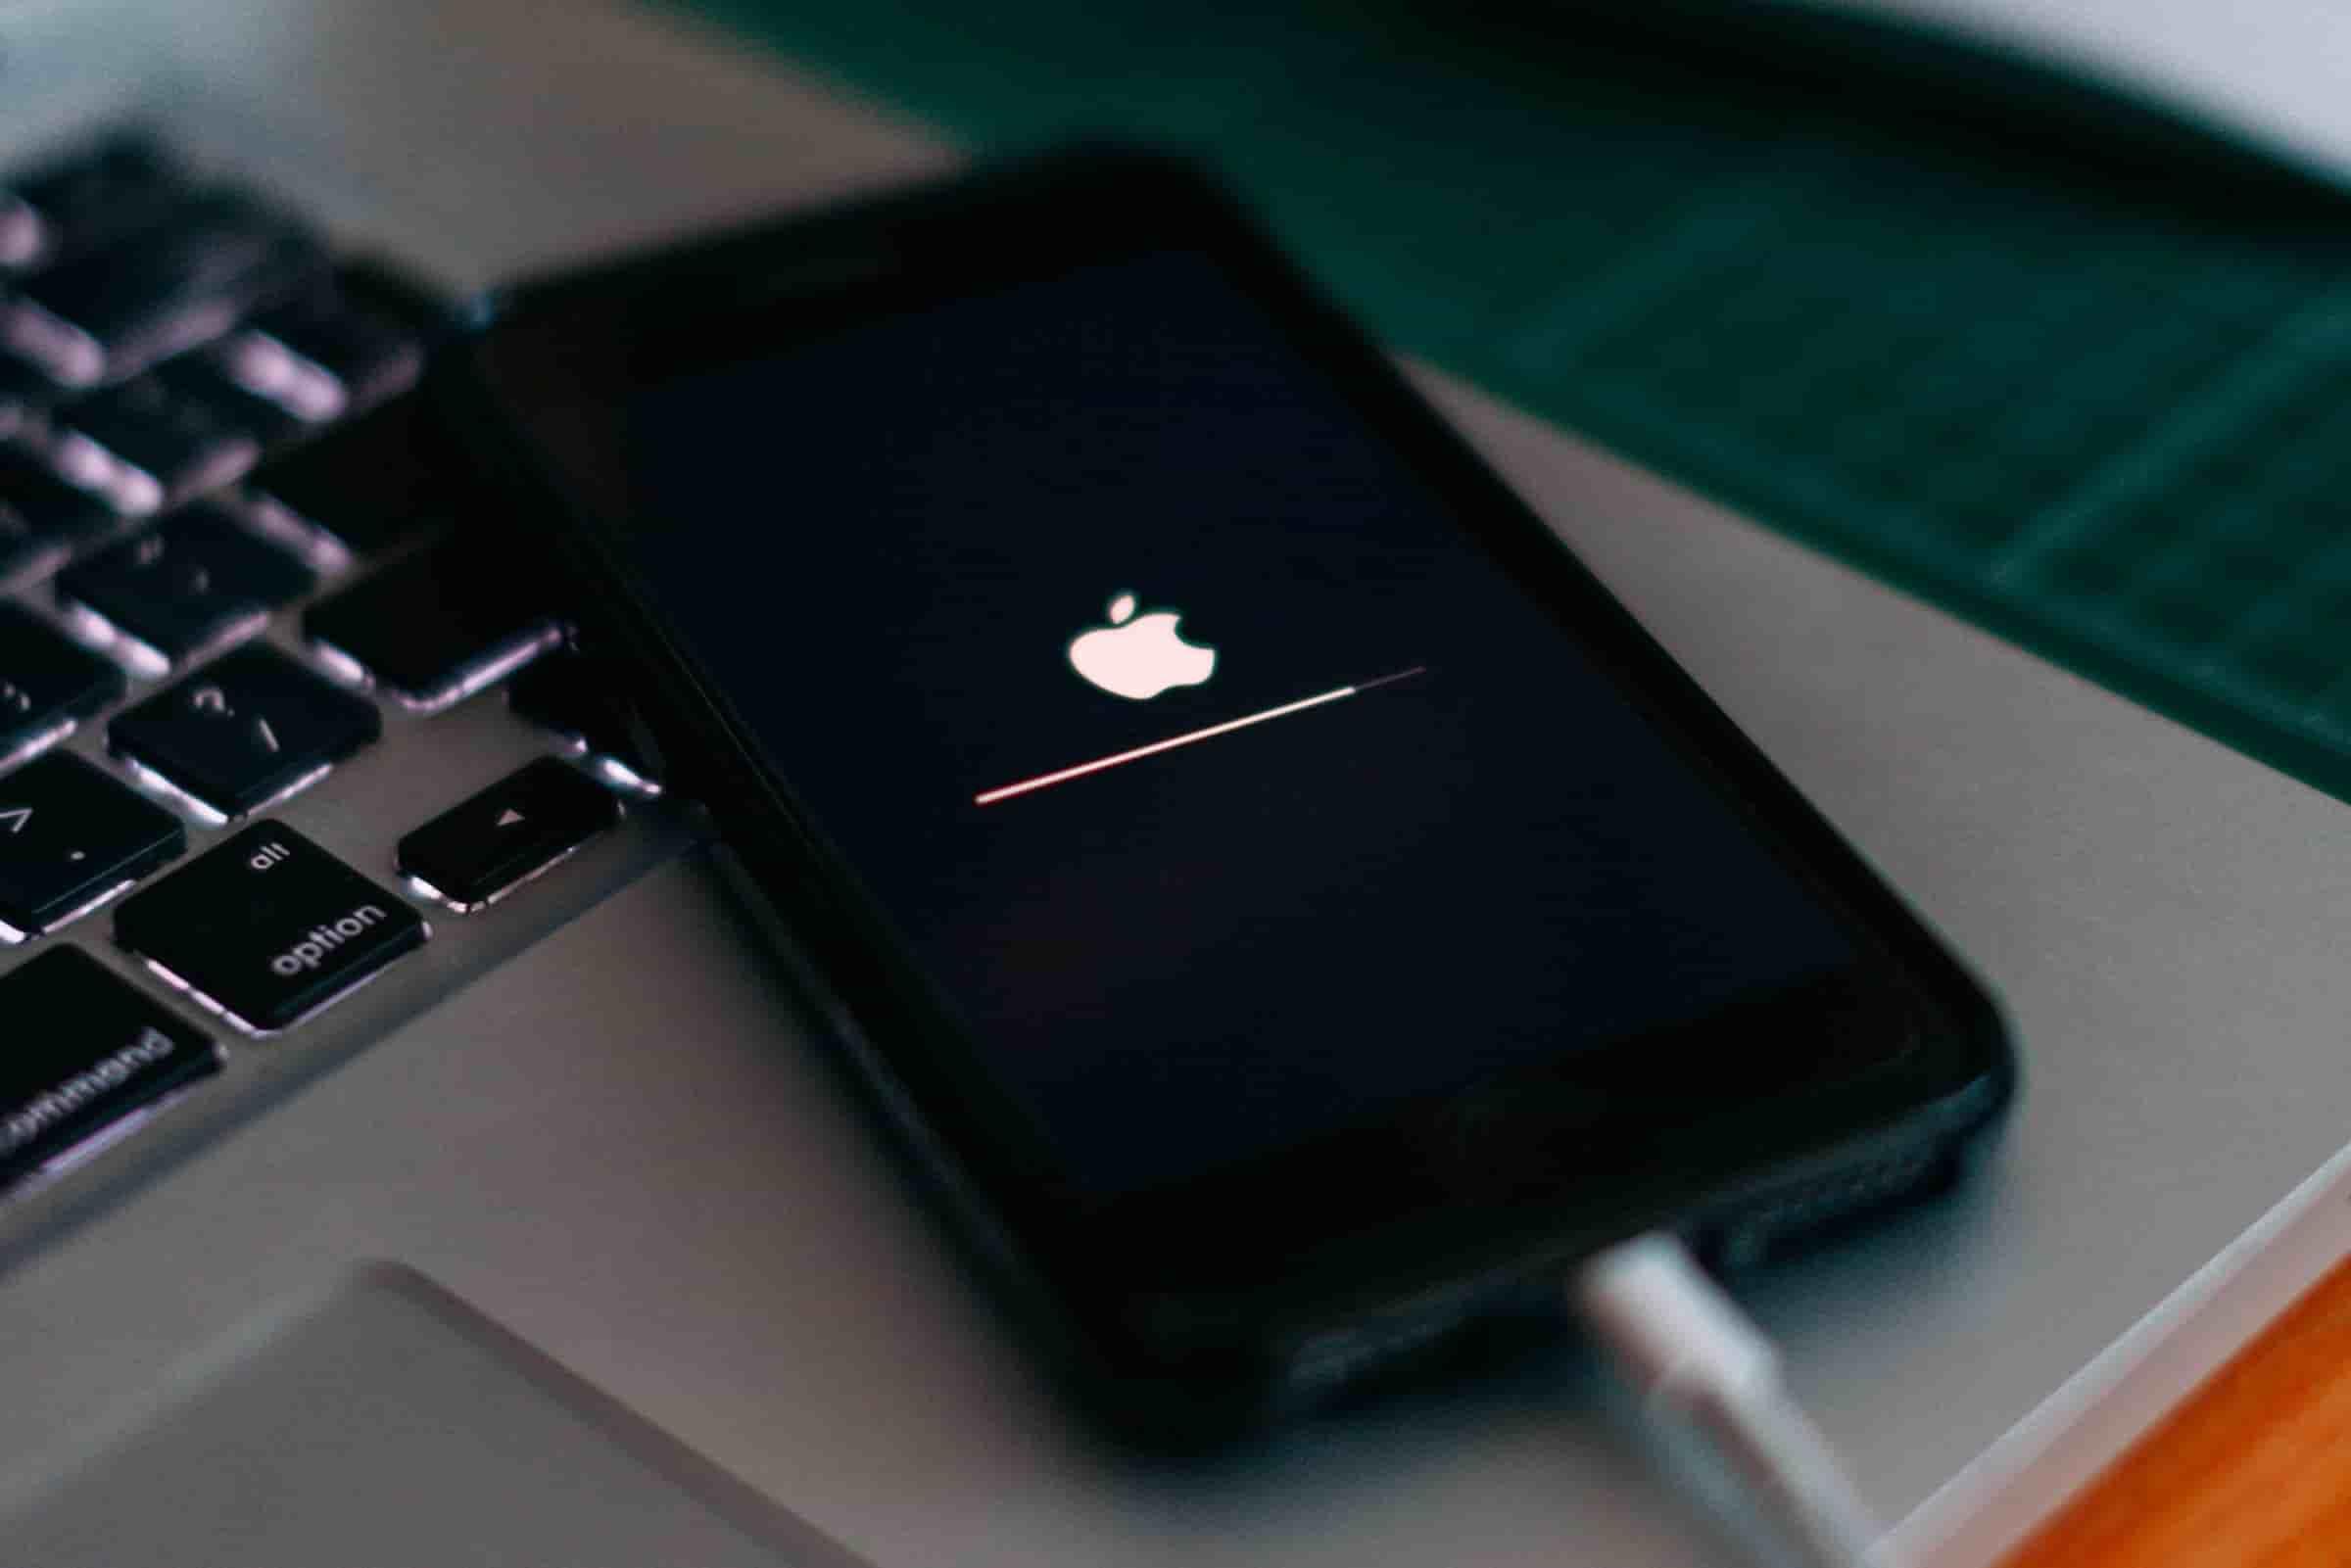 صفحه نمایش آیفون جدید همیشه روشن می ماند - چیکاو